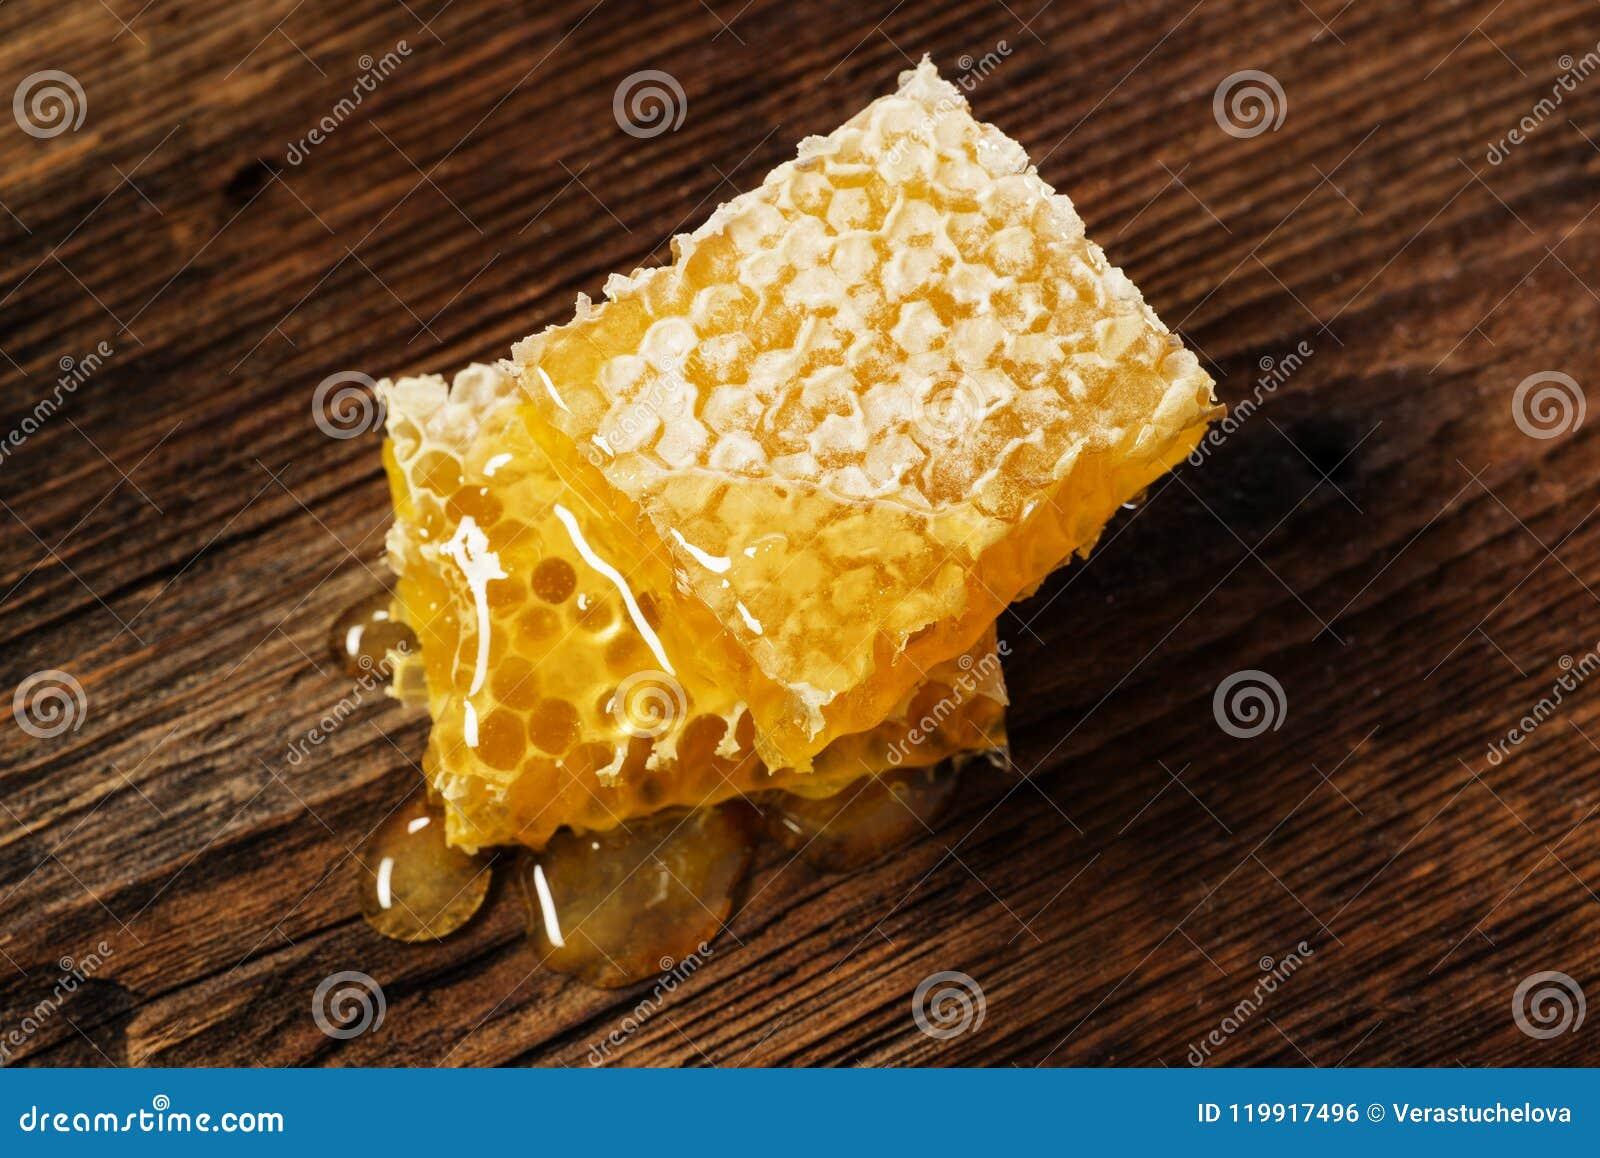 Κηρήθρα με το μέλι σε έναν ξύλινο πίνακα